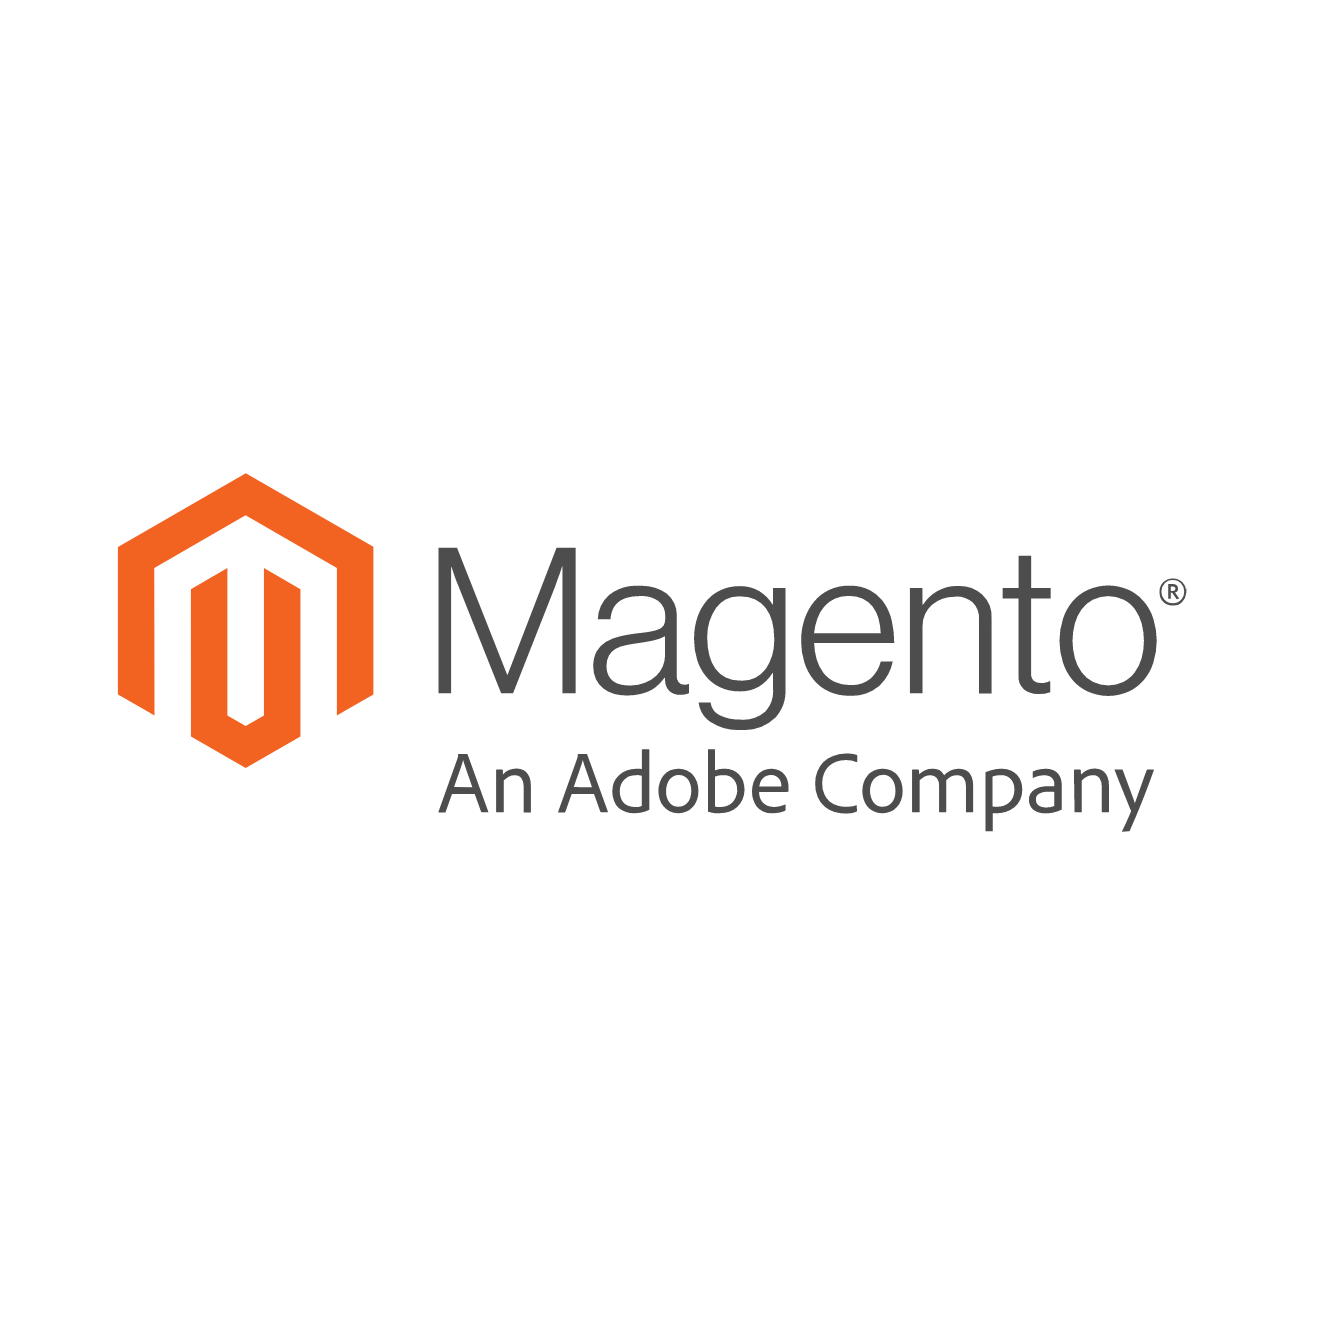 Adobe Magento logo: Magento jako Adobe Company